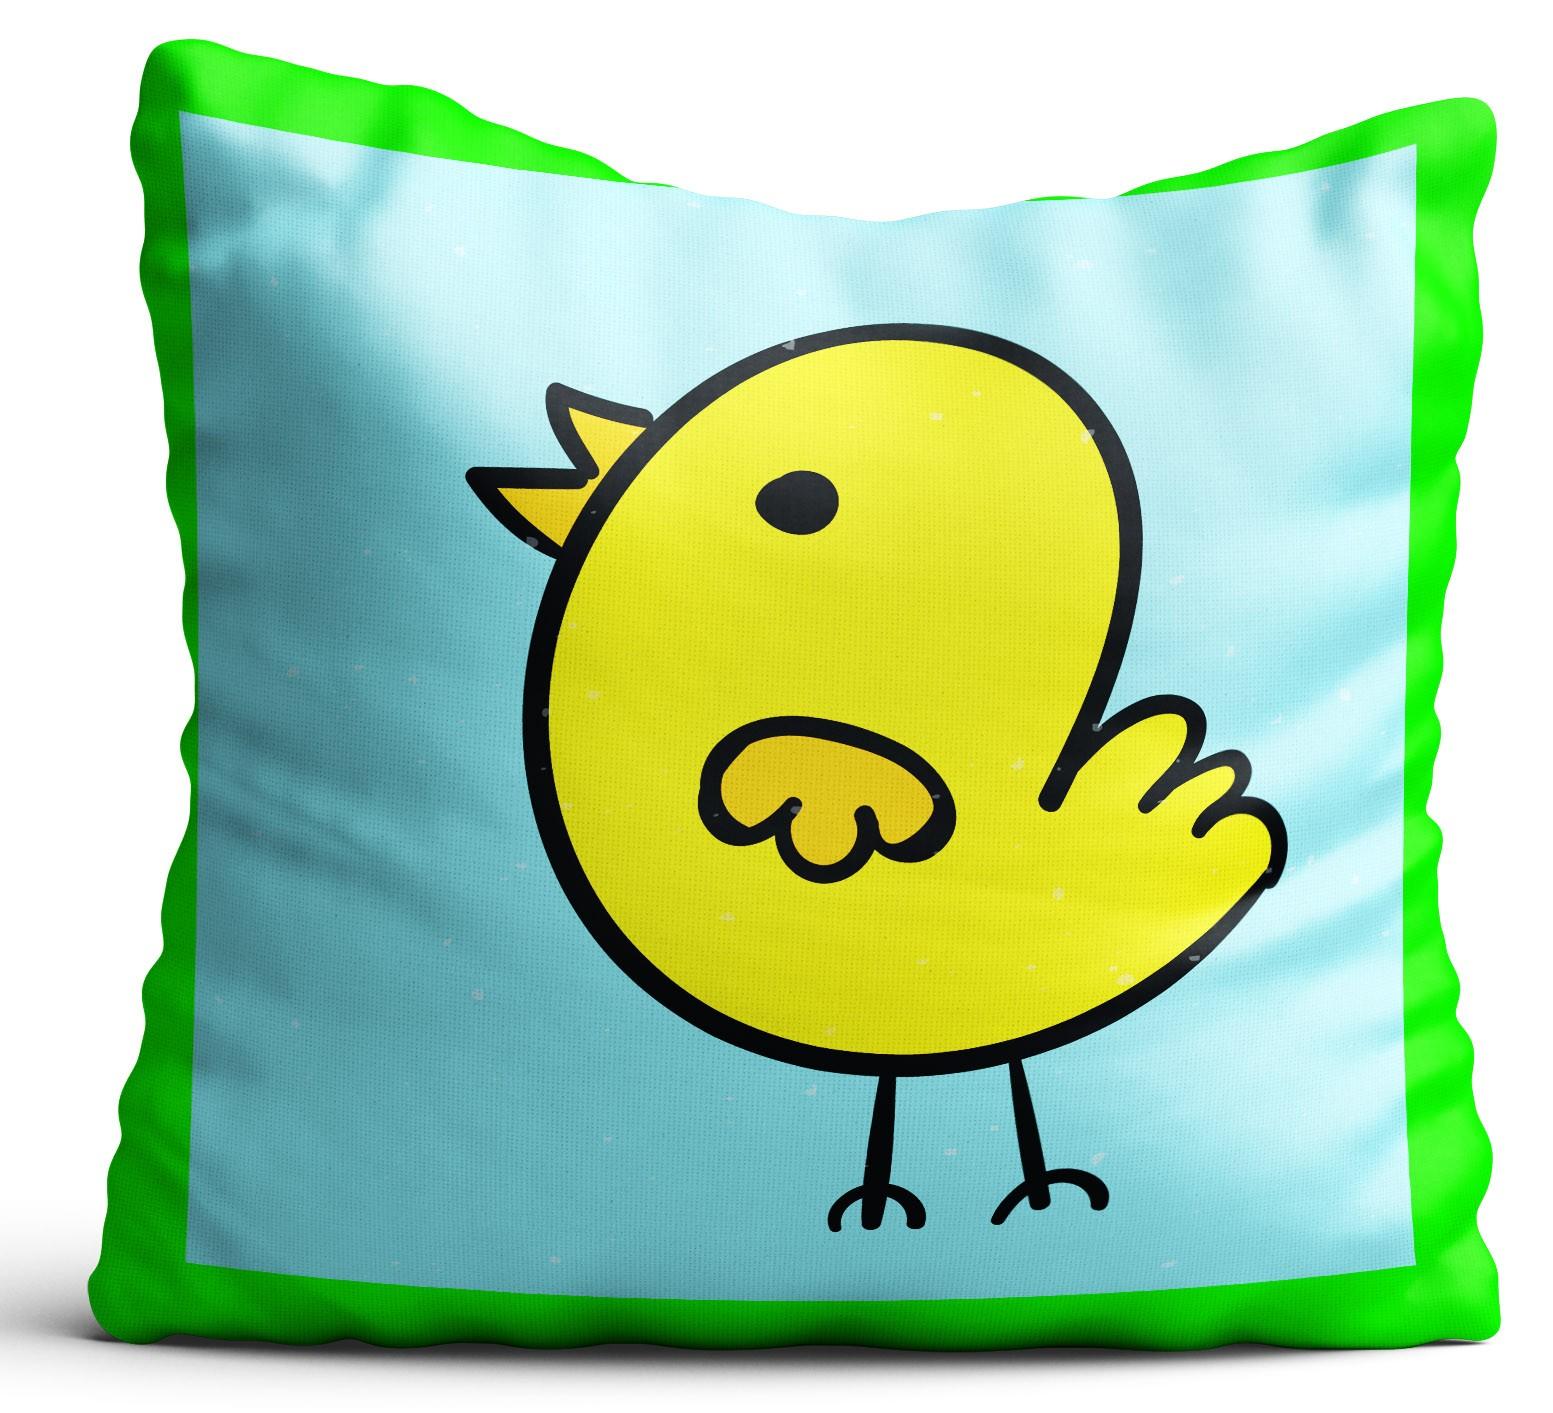 Poszewka Na Poduszkę żółty Kurczaczek Dla Dziecka 40x40 Cm